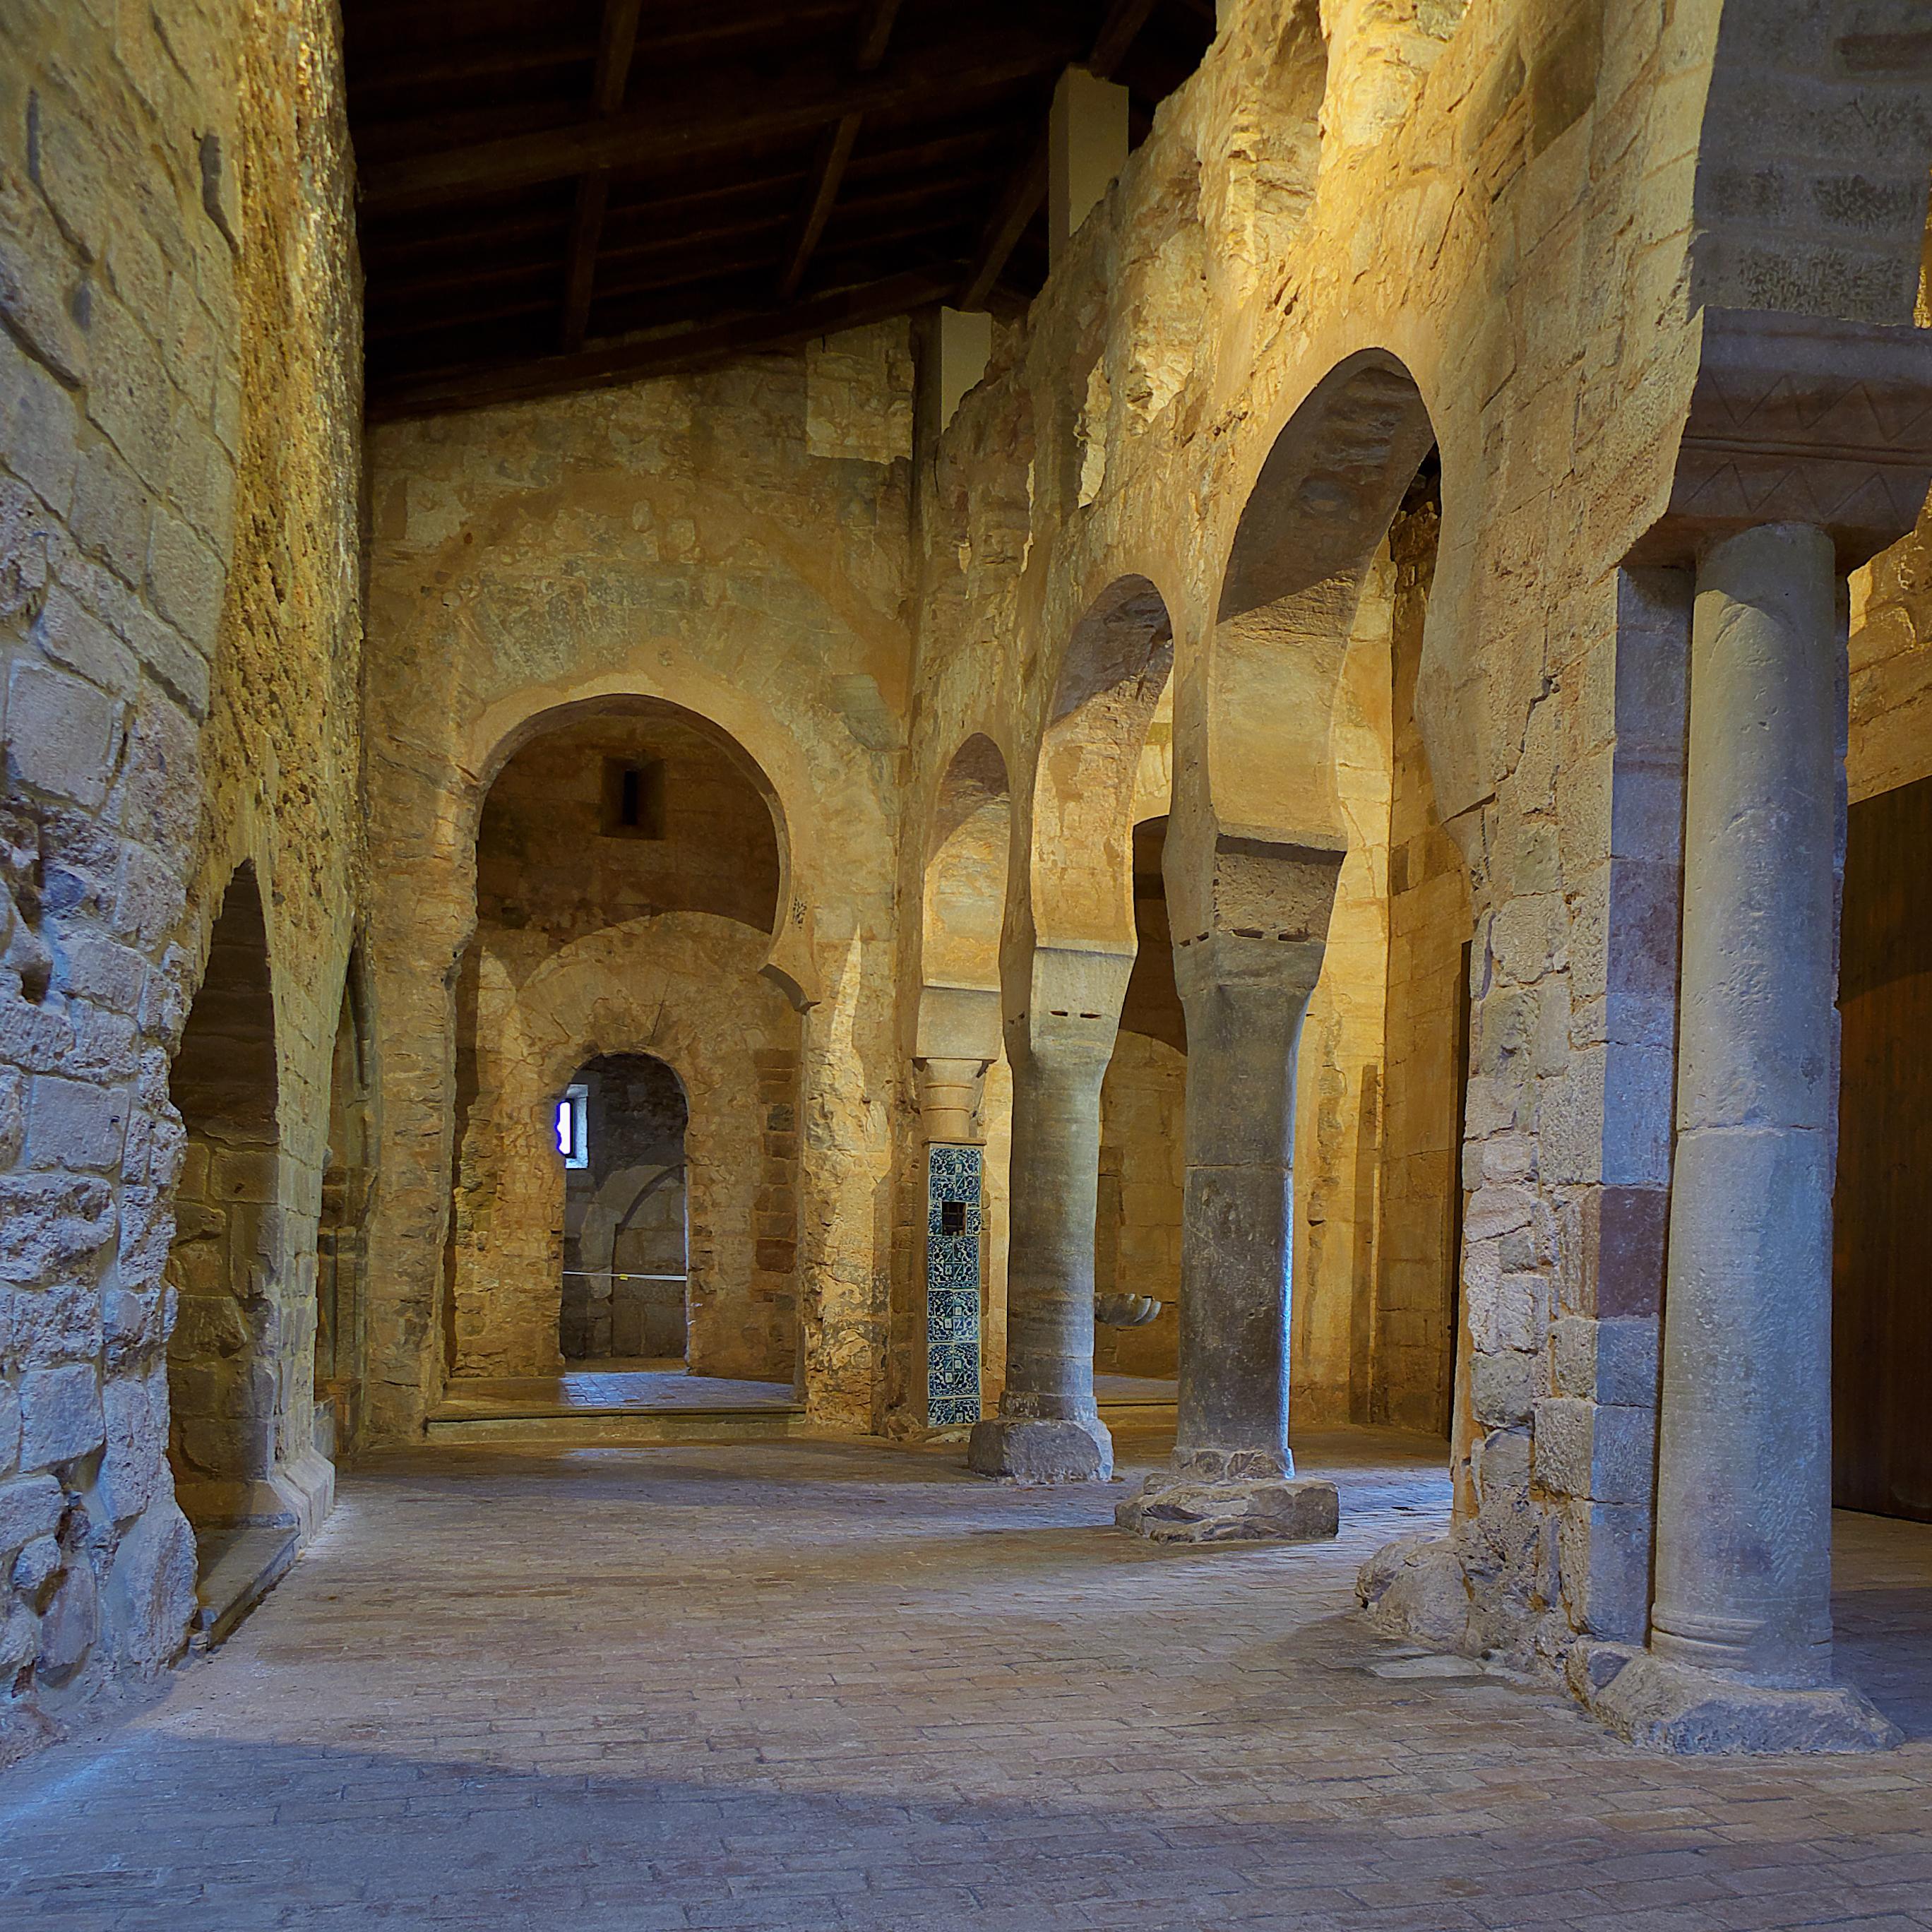 Archivo:Monasterio de San Millán de Suso. Iglesia.jpg - Wikipedia ...